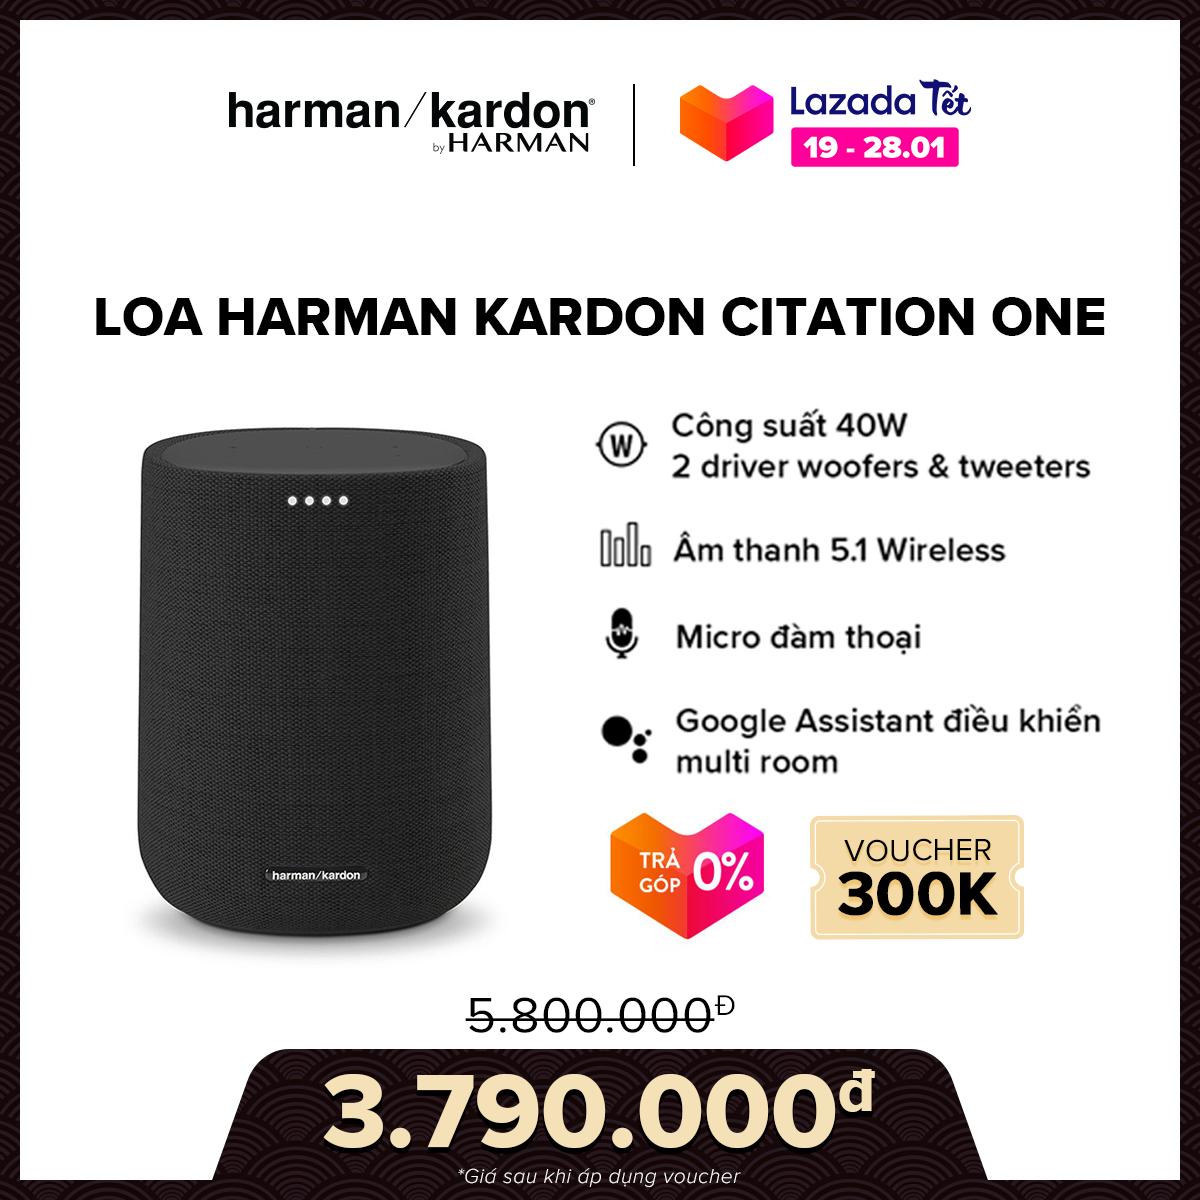 [VOUCHER 300K – TRẢ GÓP 0%] Loa Harman Kardon Citation One l Công suất 40W l Kết nối 2 loa cho âm thanh nổi l 2 Driver l Hỗ trợ Google Assistant l HÀNG CHÍNH HÃNG